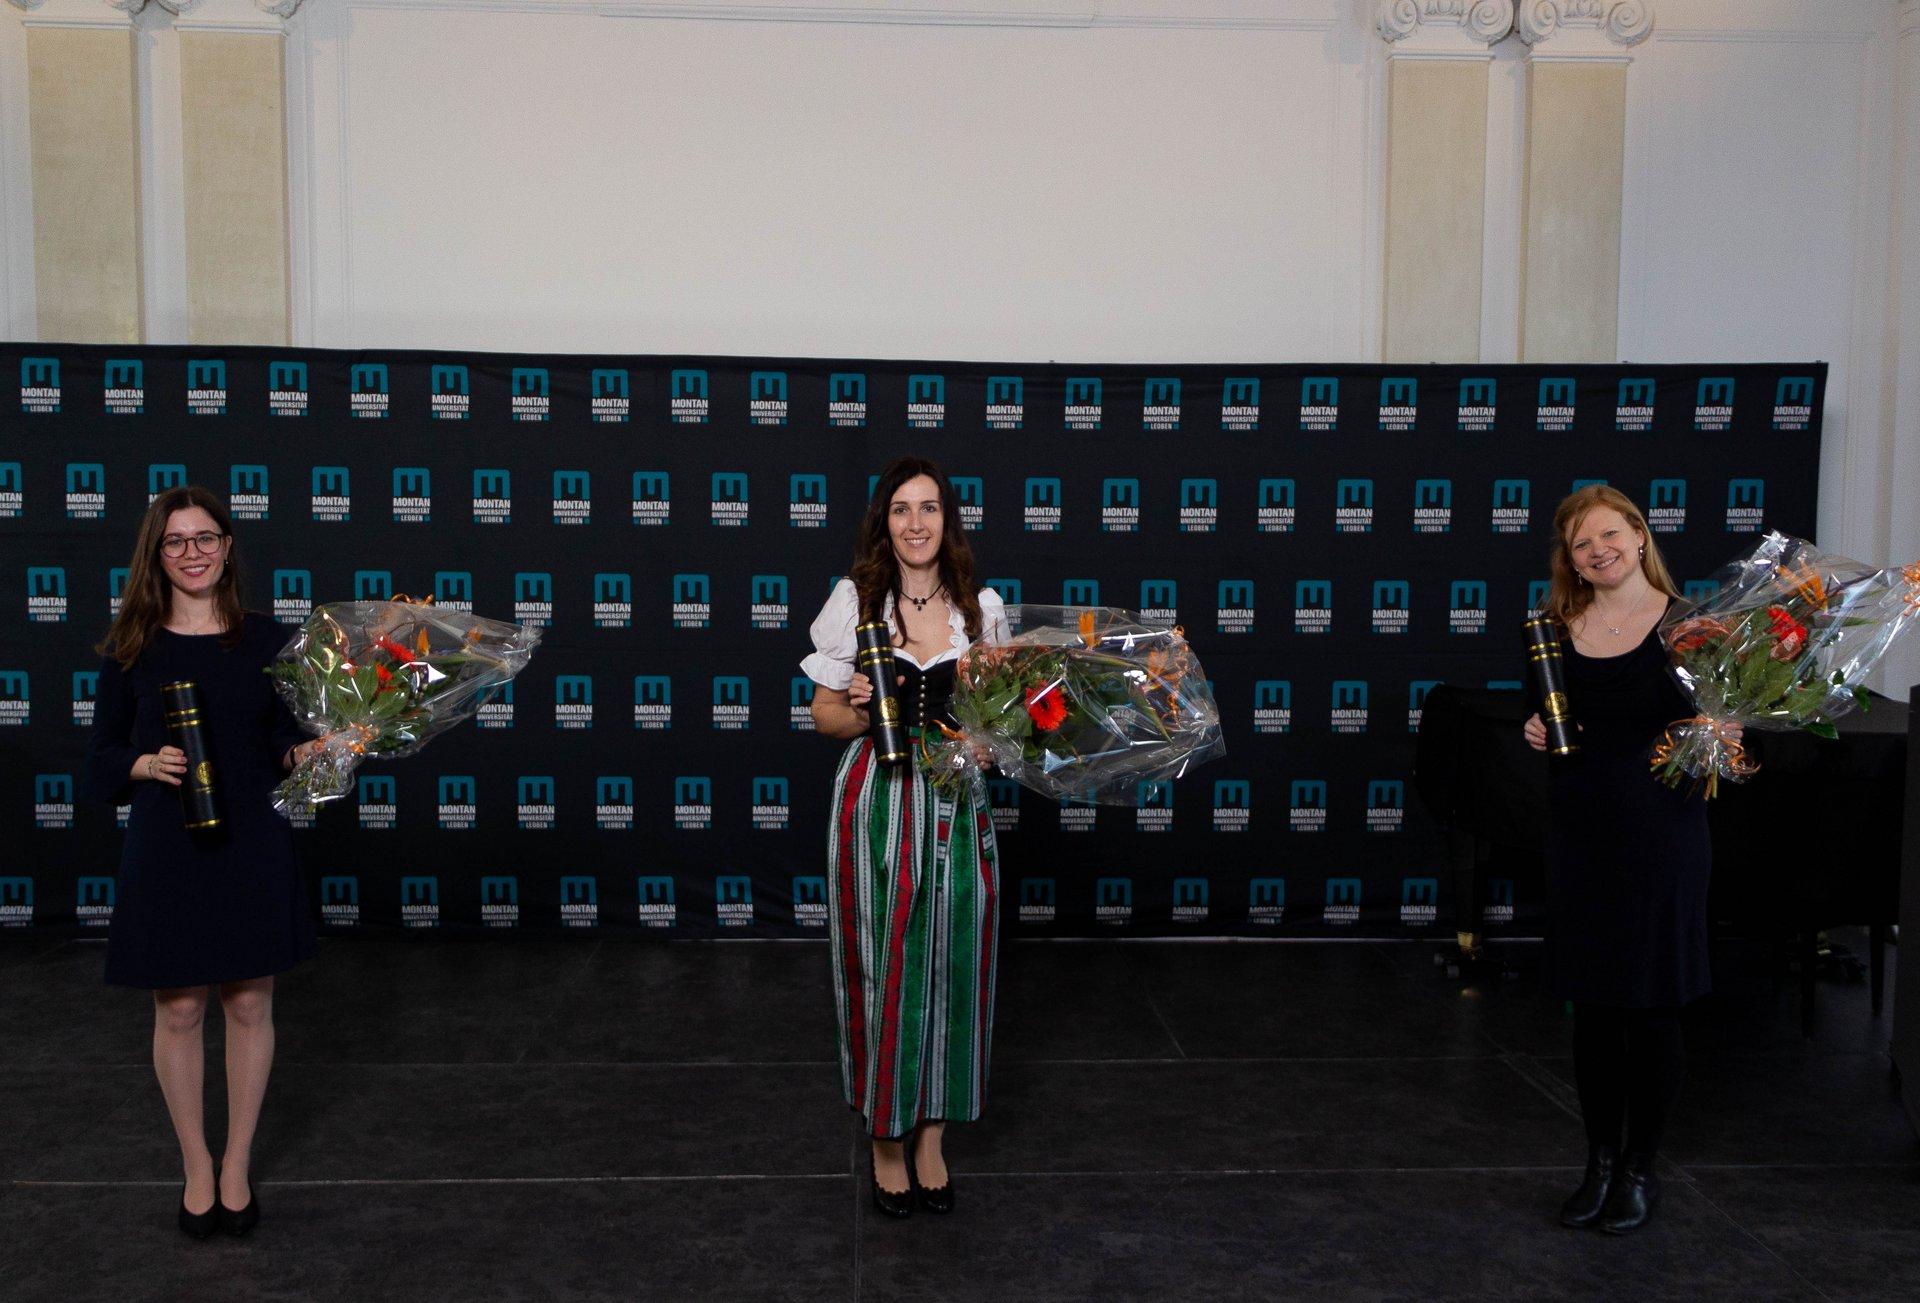 Die Preisträgerinnen von links: Malina Jop, BSc., Dipl.-Ing. Sabine Bodner, BSc. und Priv.-Doz. Dr.-Ing. Verena Maier-Kiener (Fotocredit: Montanuni Leoben)